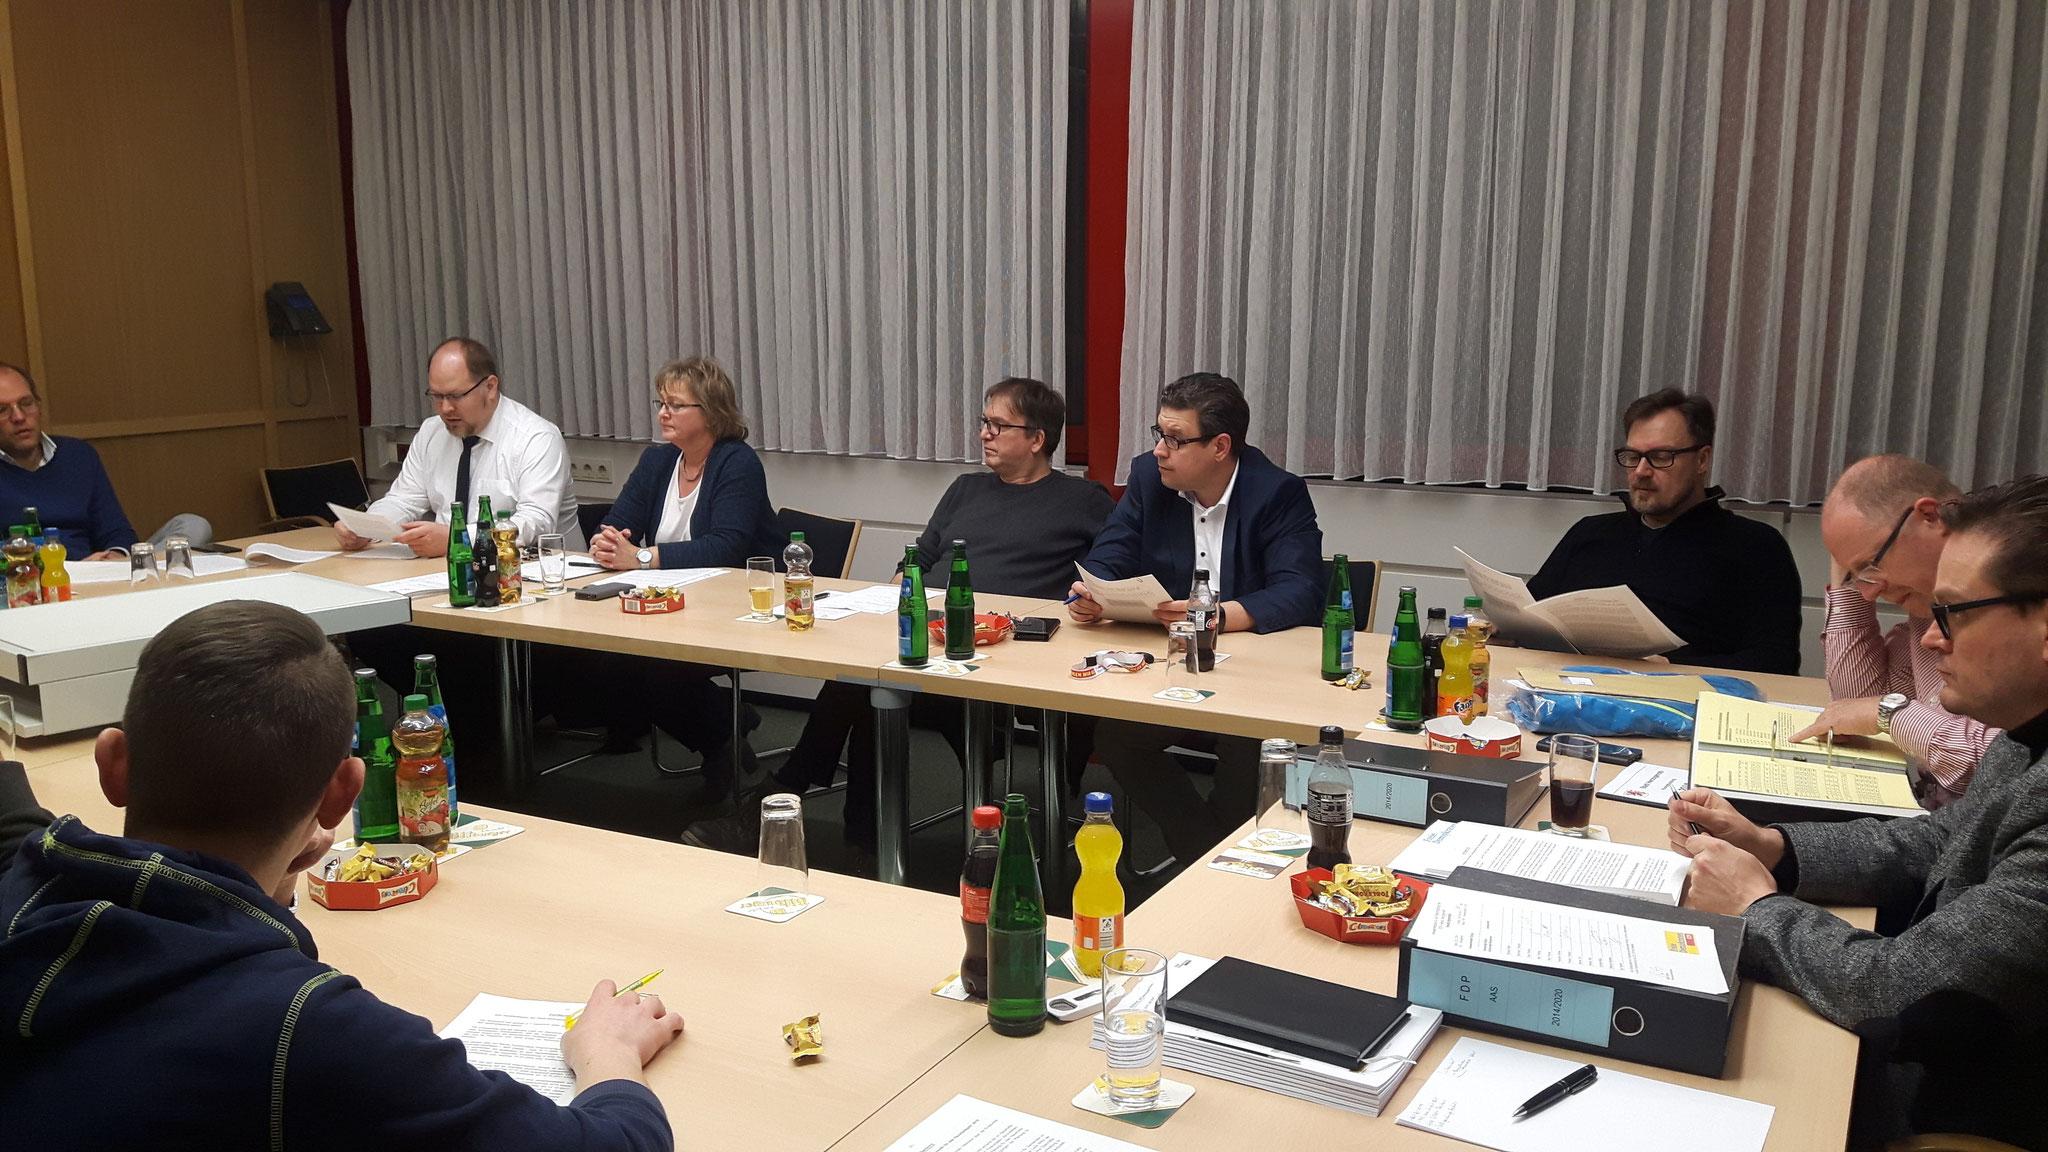 Diskussion des städtischen Finanzplanes 2018